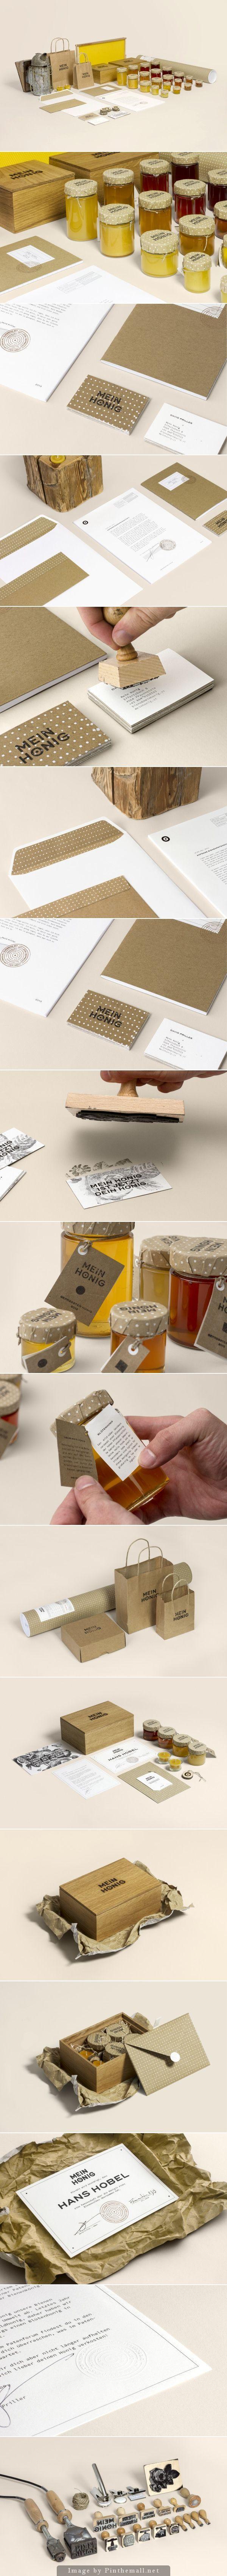 Mein Honig Honey – Brand Identity via Thomas Lichtblau: